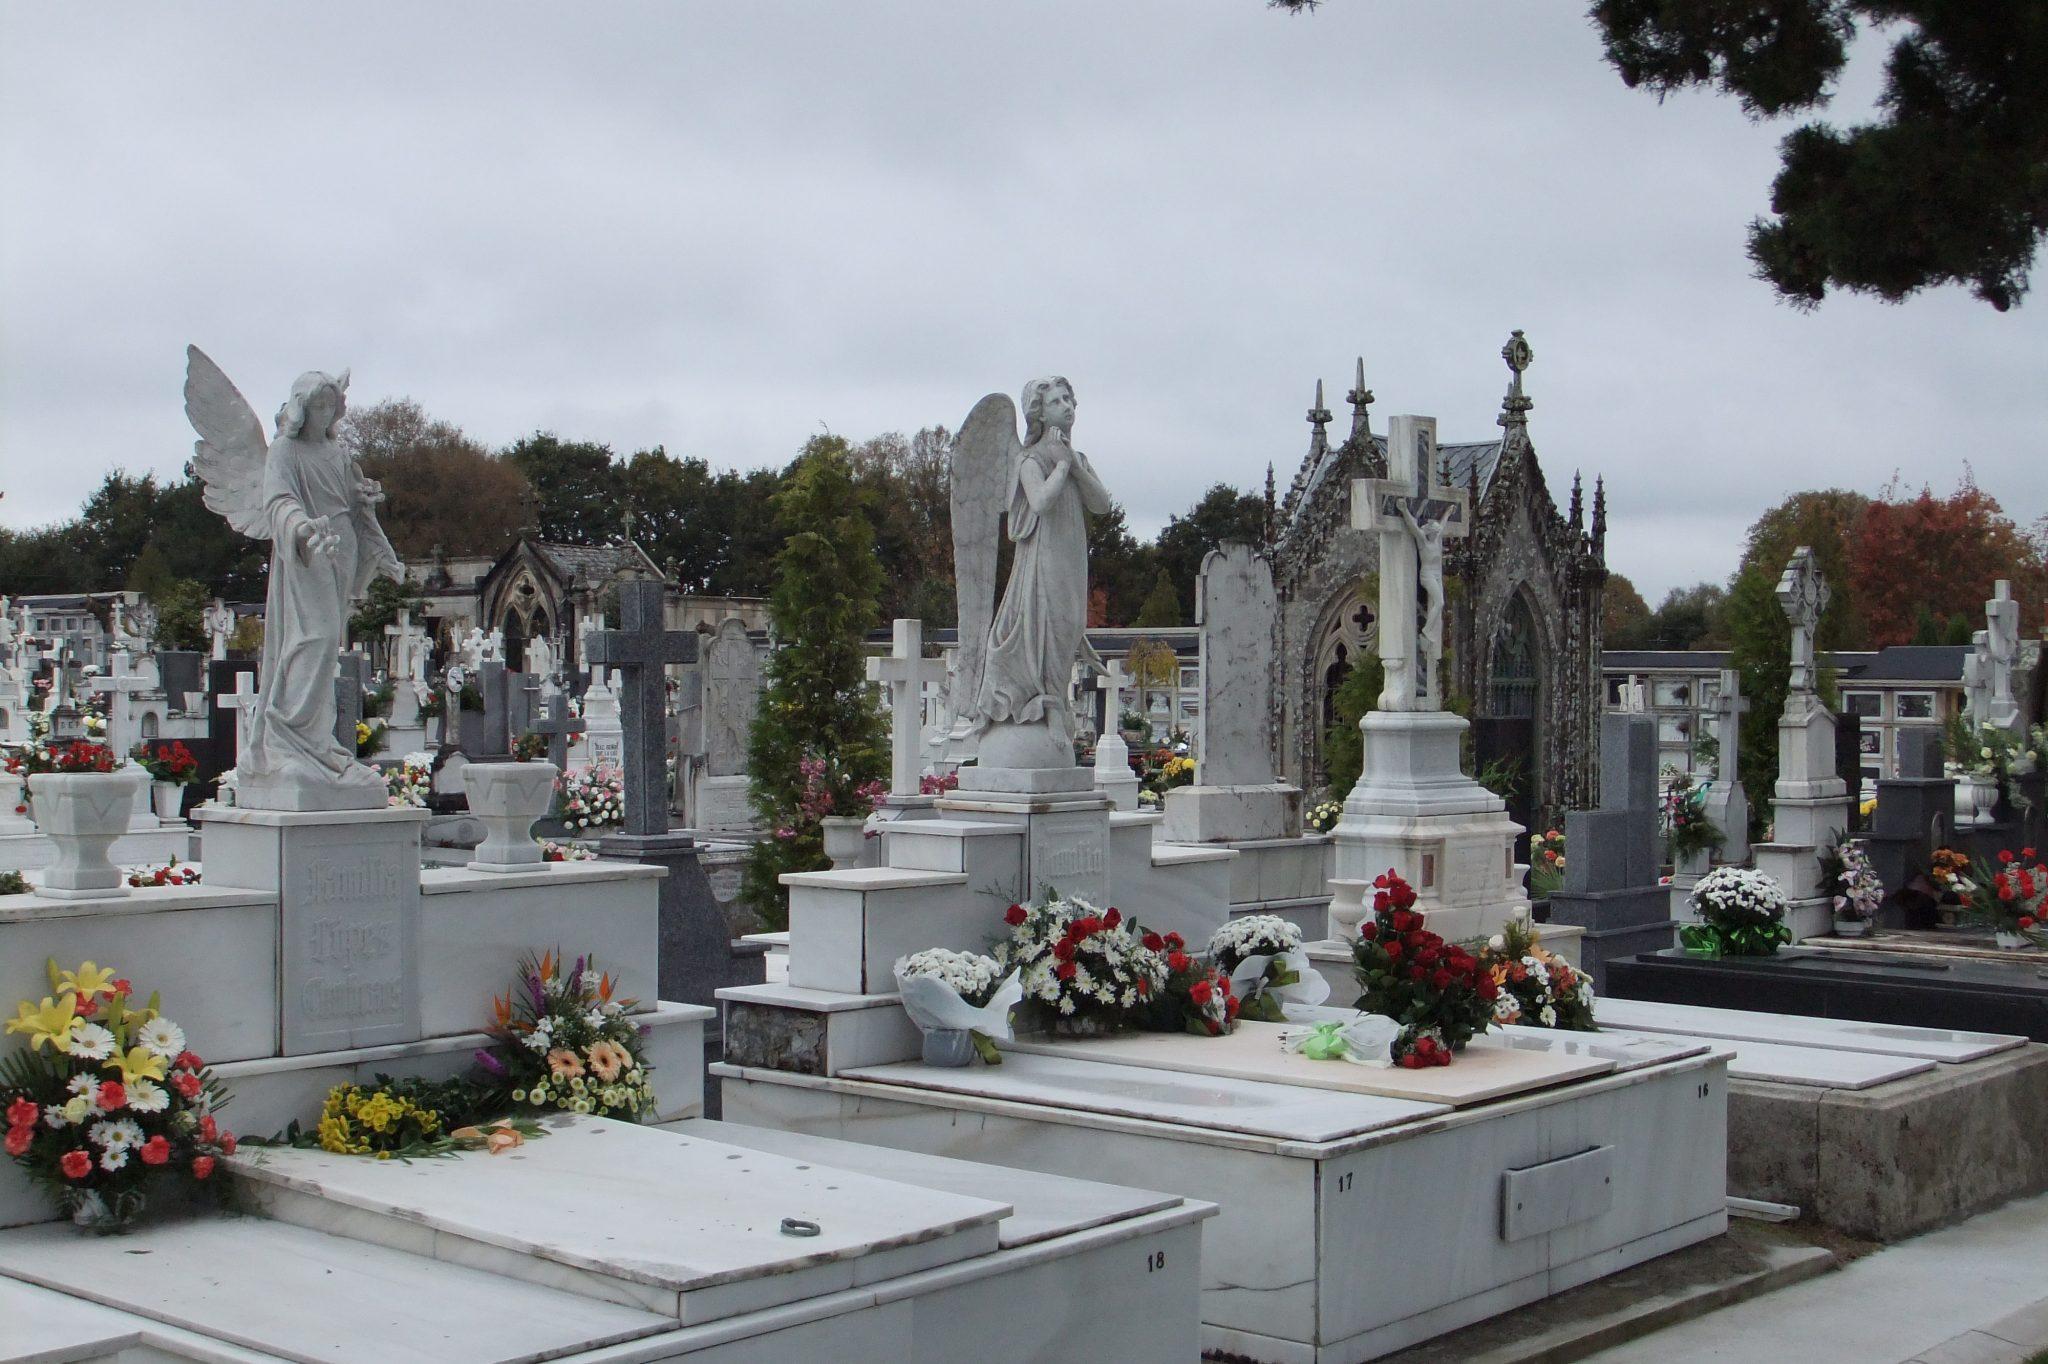 Cemetery of San Froilán (Lugo, Spain)